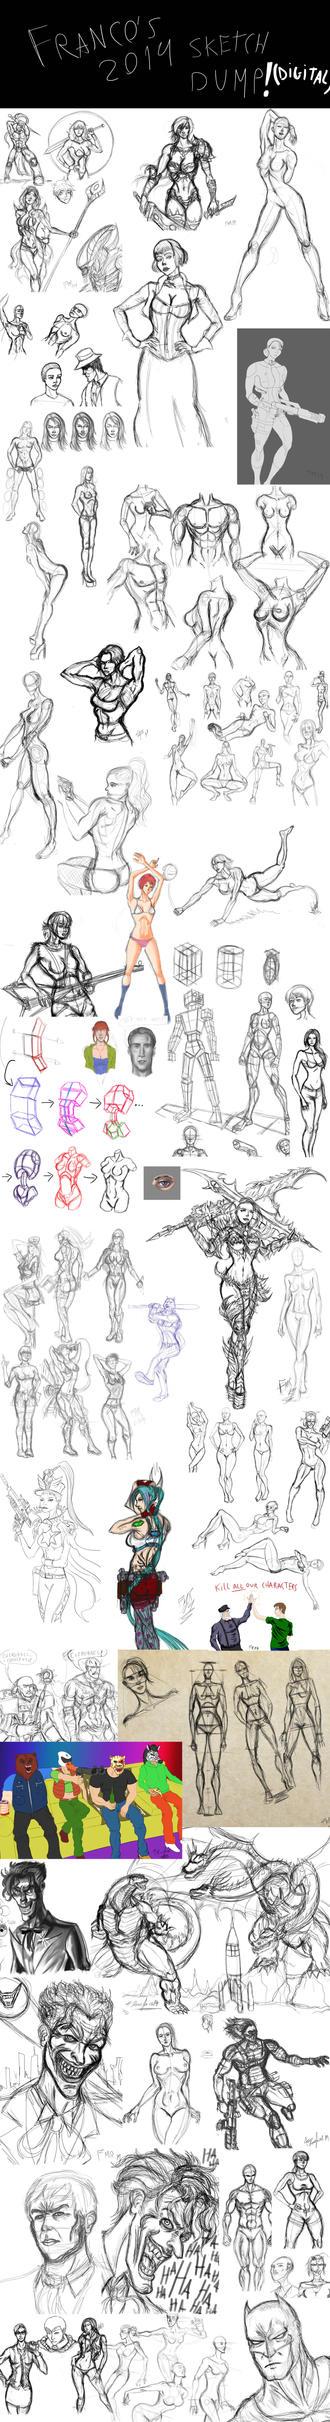 2014 Sketchdump Digital by fmralchemist